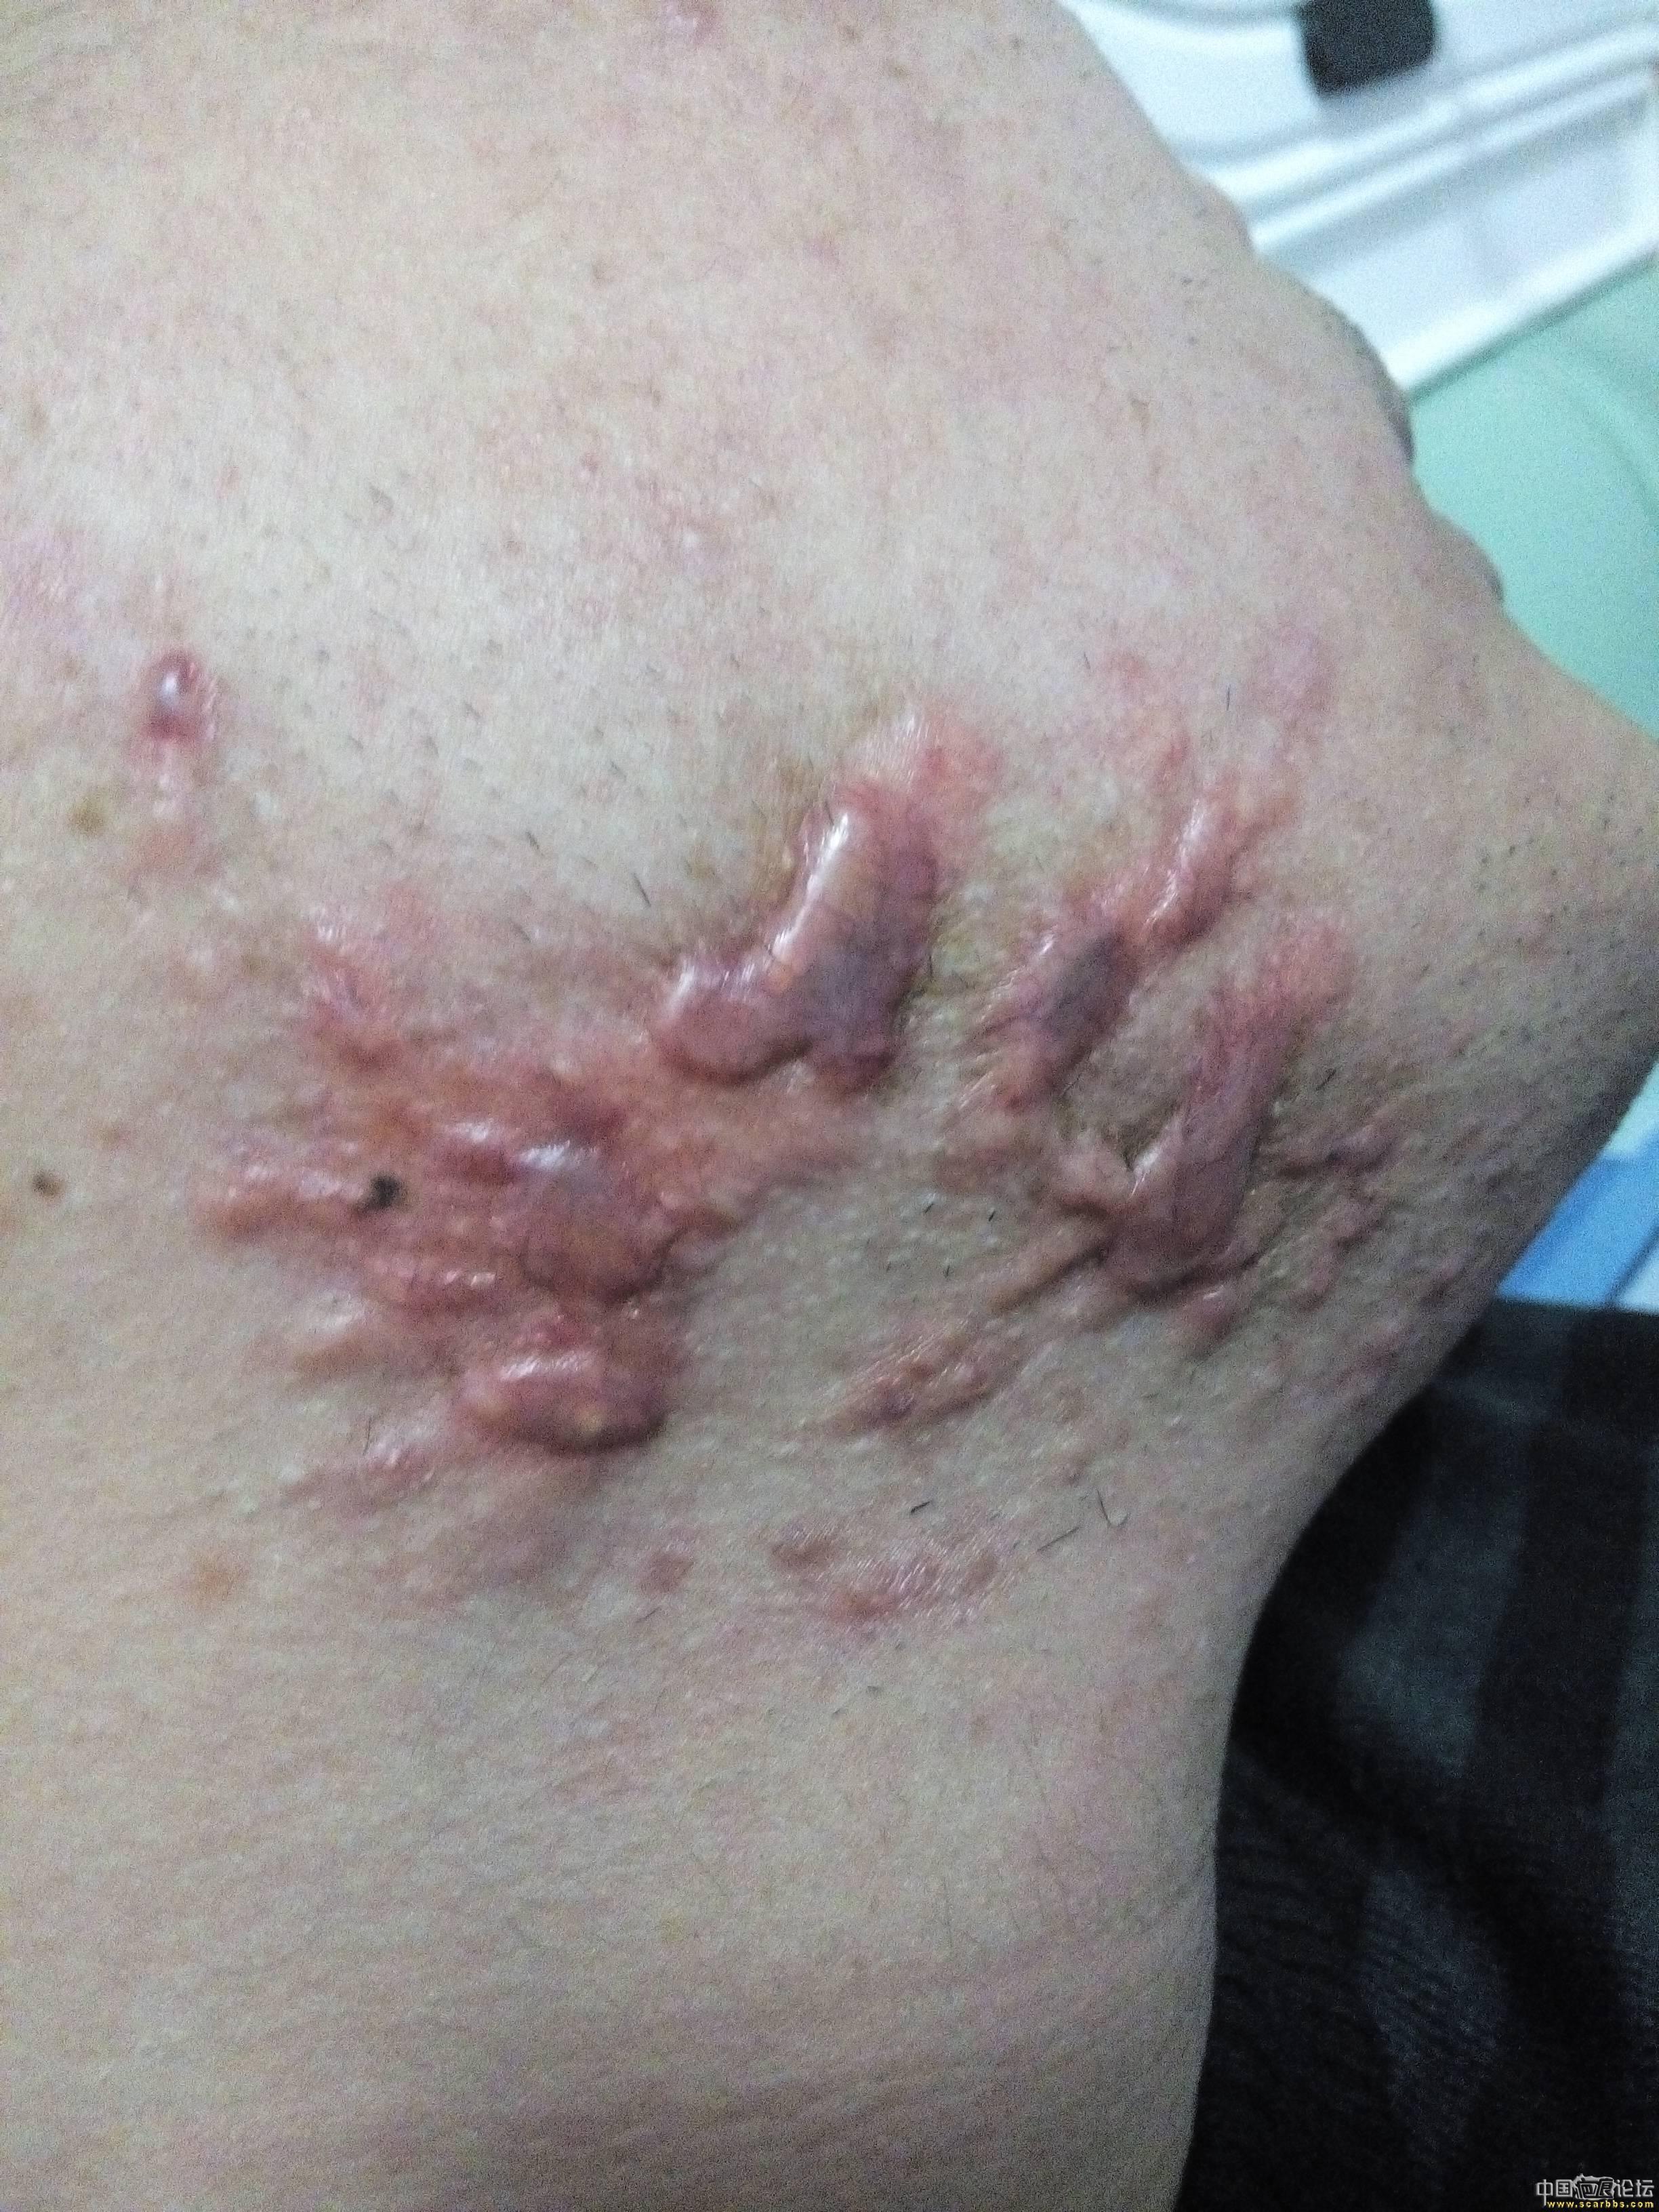 陪伴4年的腮部疤痕疙瘩治疗效果分享76-疤痕体质图片_疤痕疙瘩图片-中国疤痕论坛